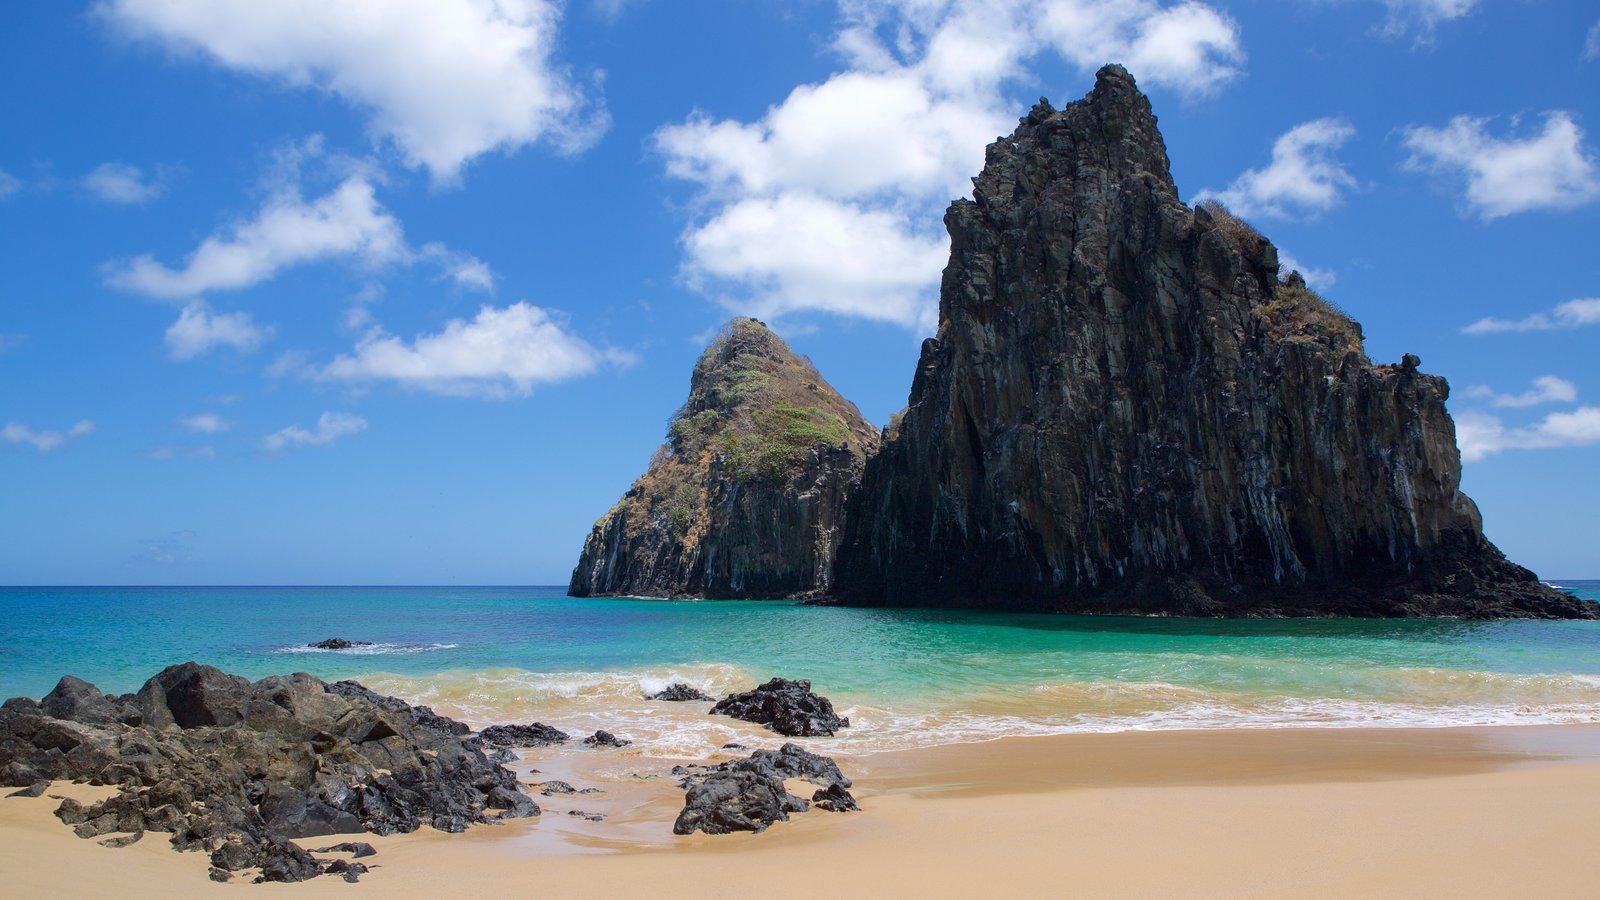 Morro Dois Irmãos mostrando imágenes de una isla, costa escarpada y vistas generales de la costa